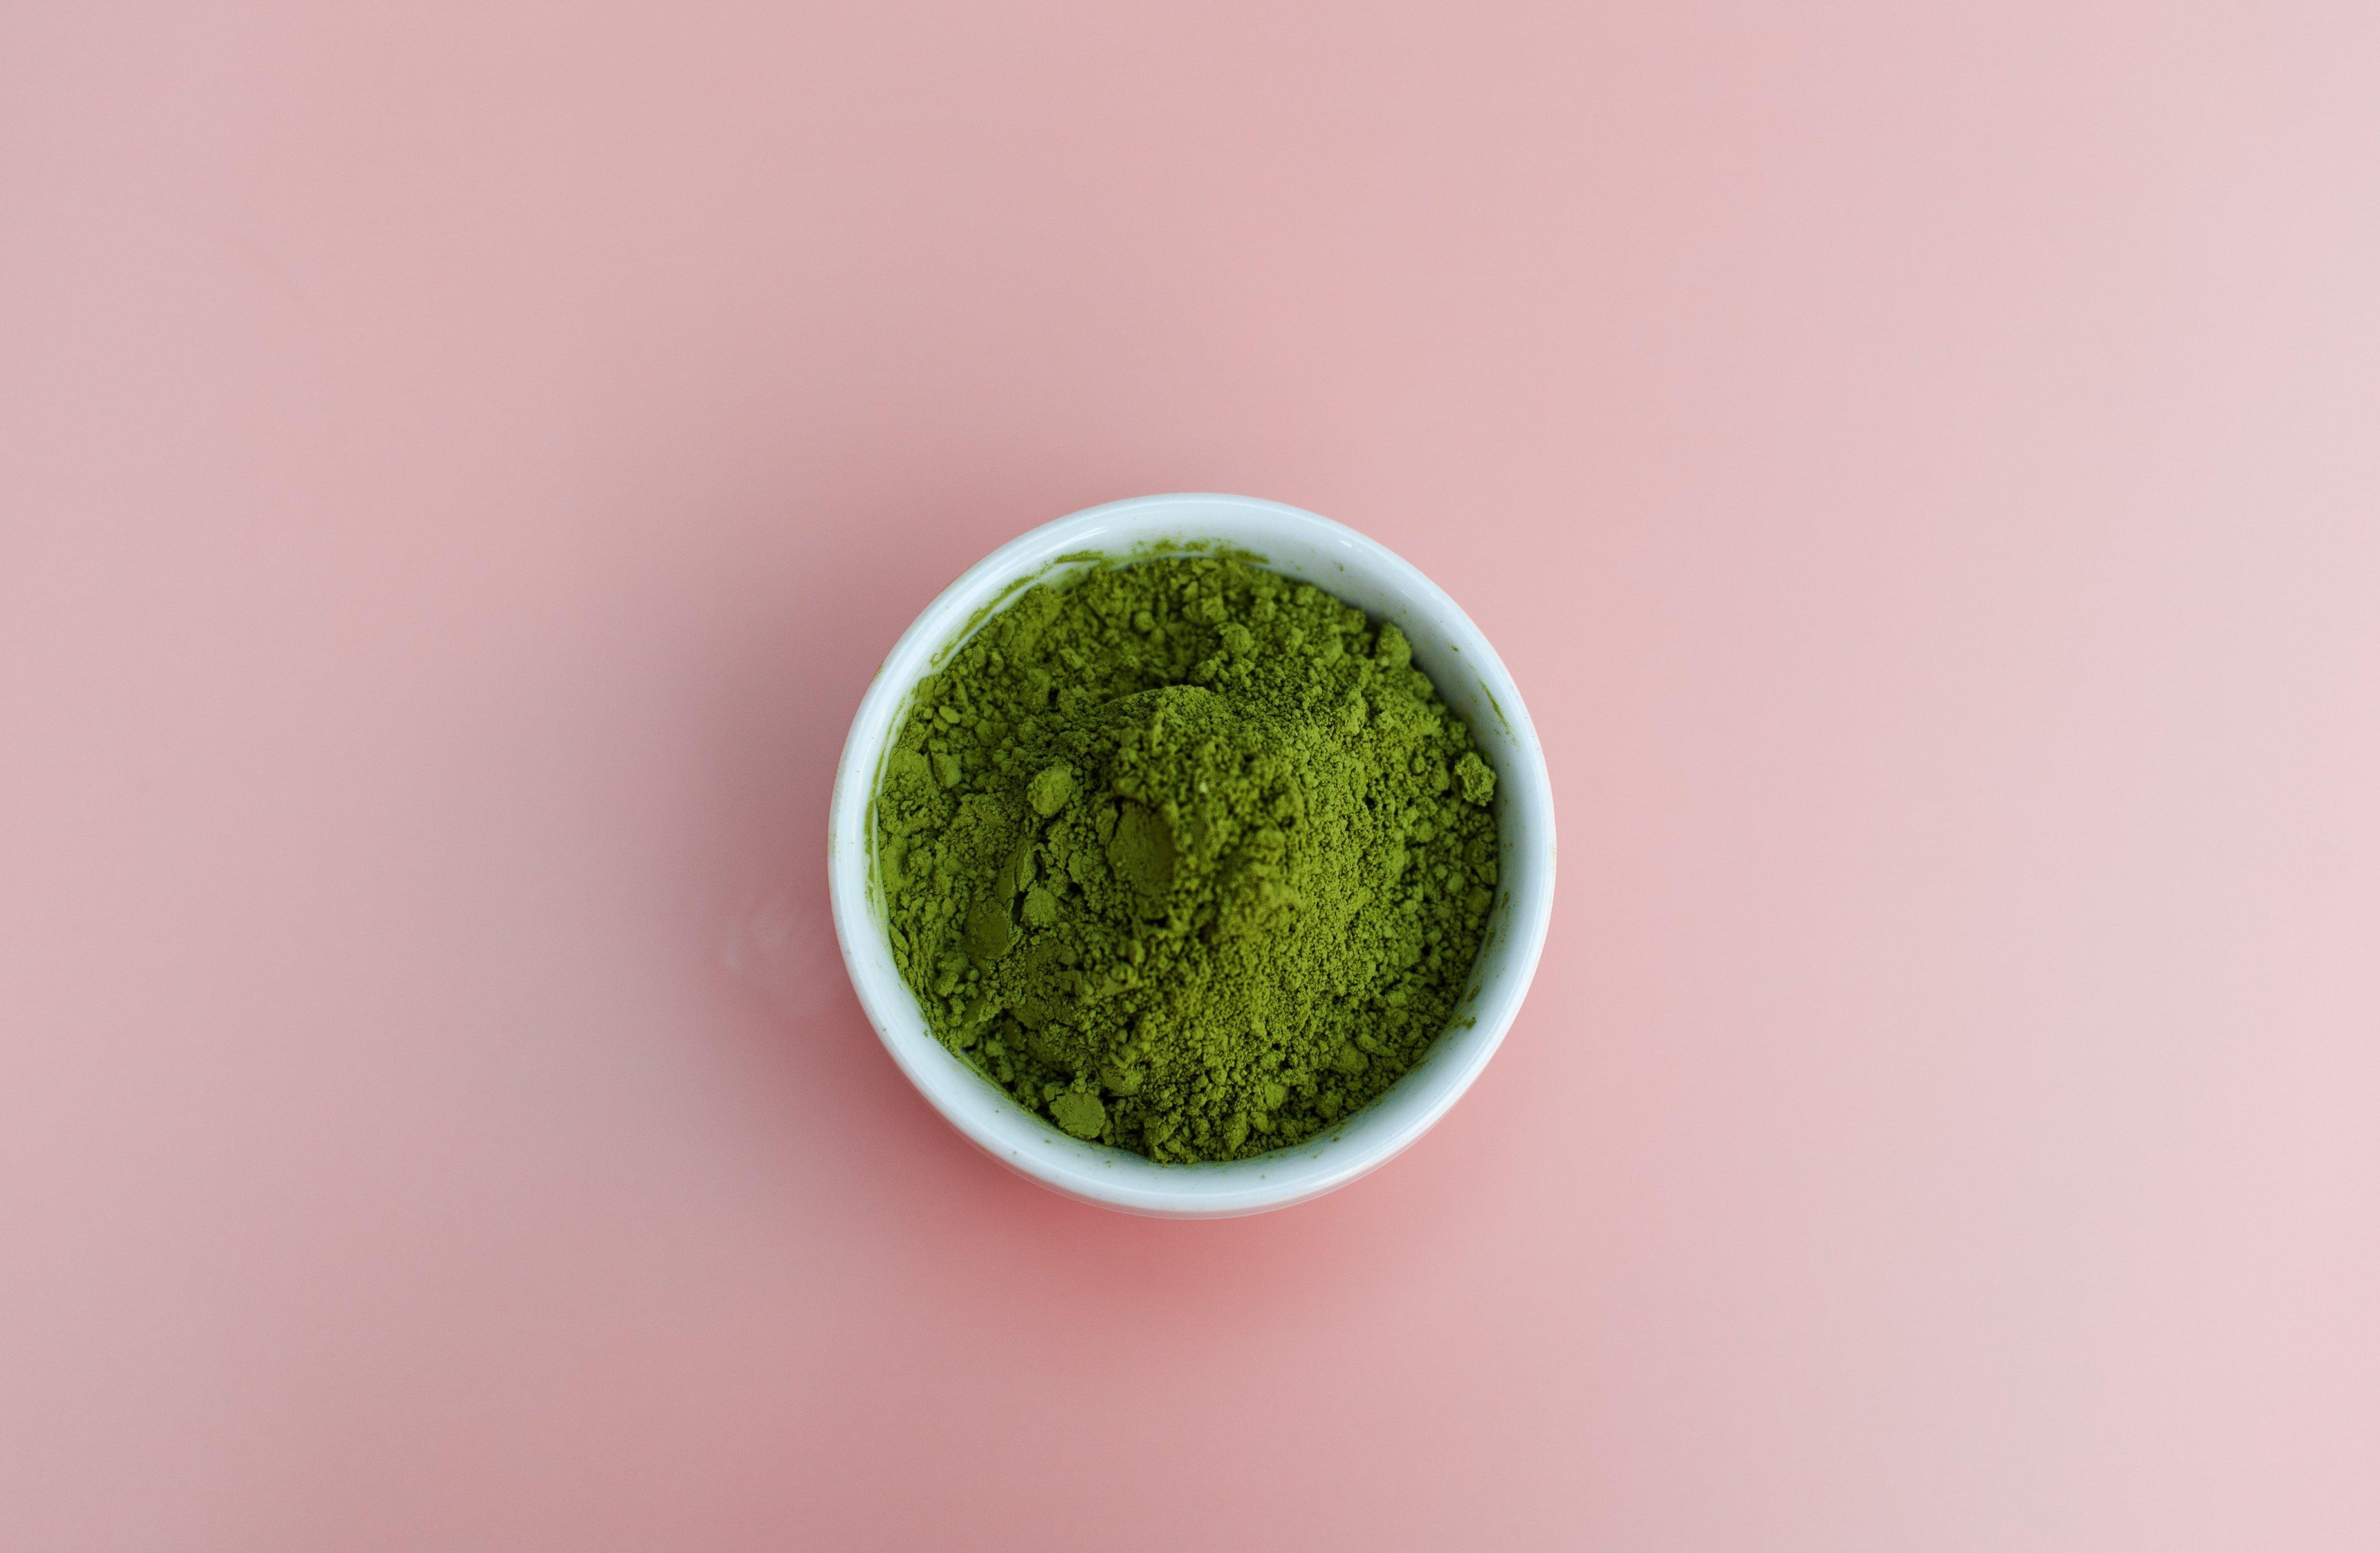 4 gezondheidsvoordelen van Chlorella